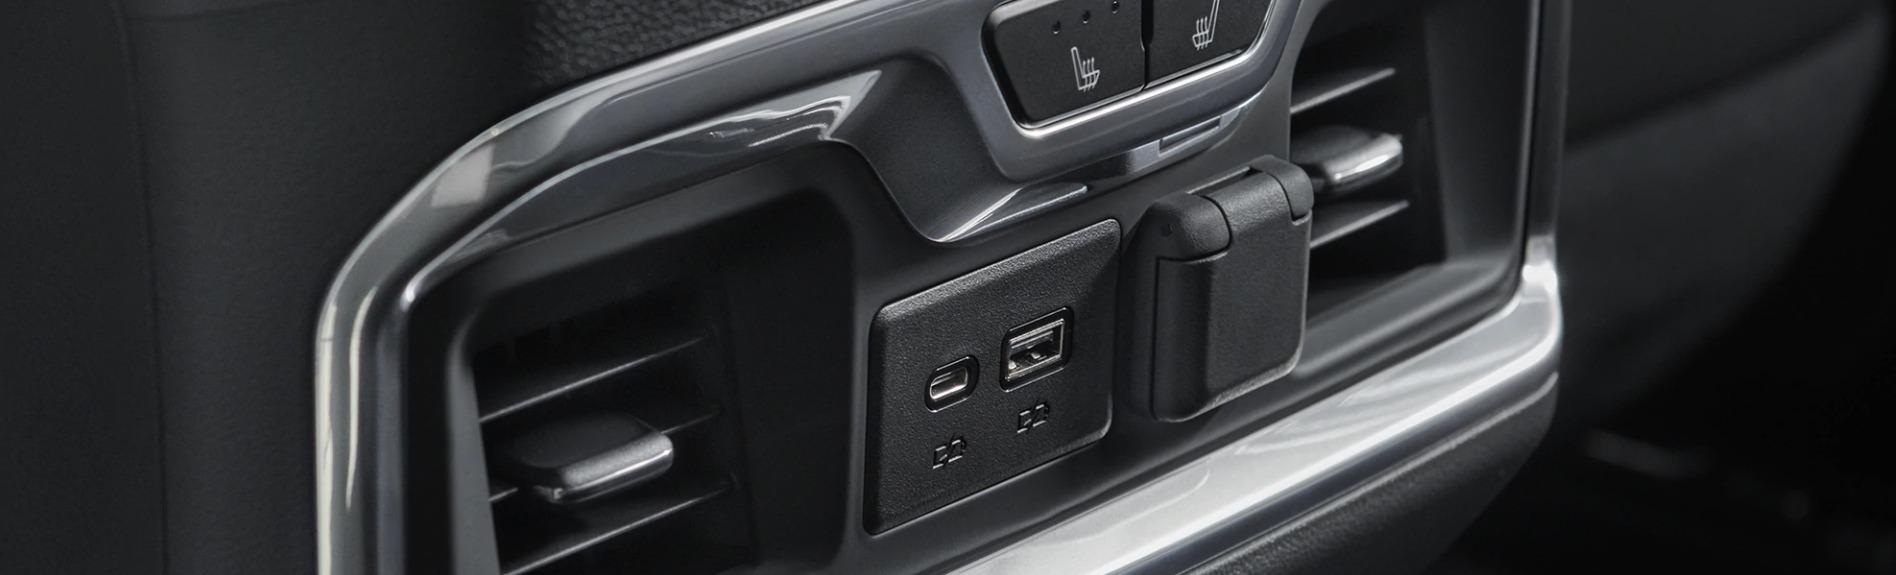 2020 Chevrolet Silverado 1500 Rear Climate Control